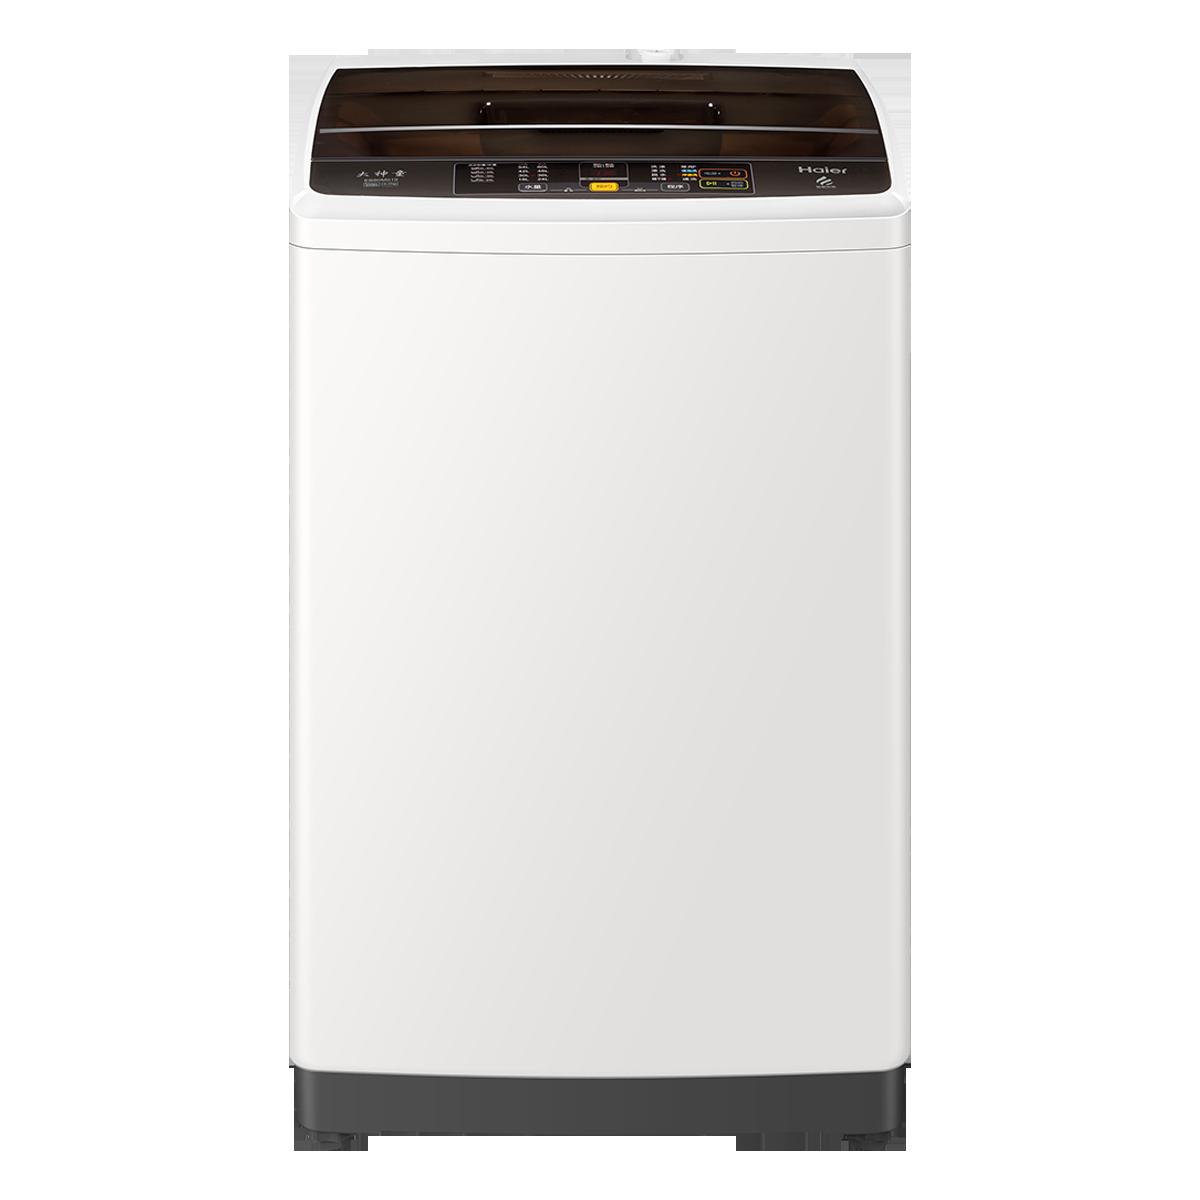 海尔Haier洗衣机 EB80M019 说明书